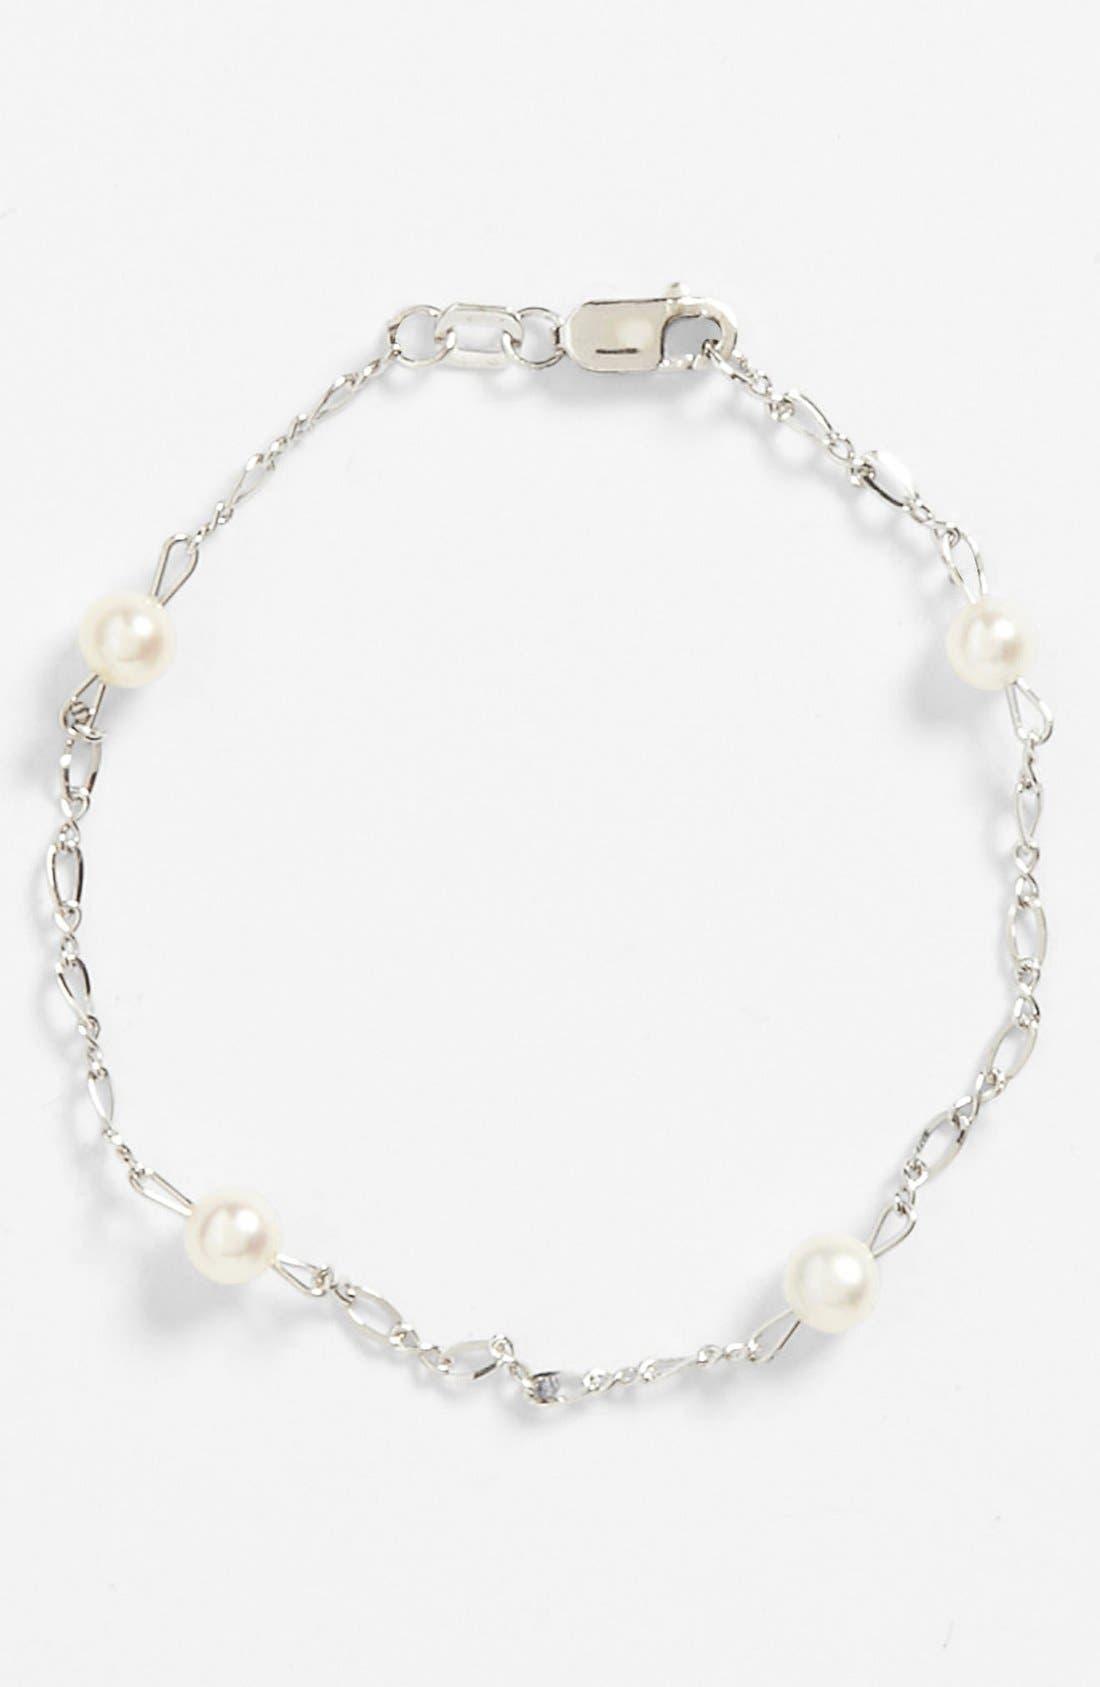 MIGNONETTE Sterling Silver & Cultured Pearl Bracelet